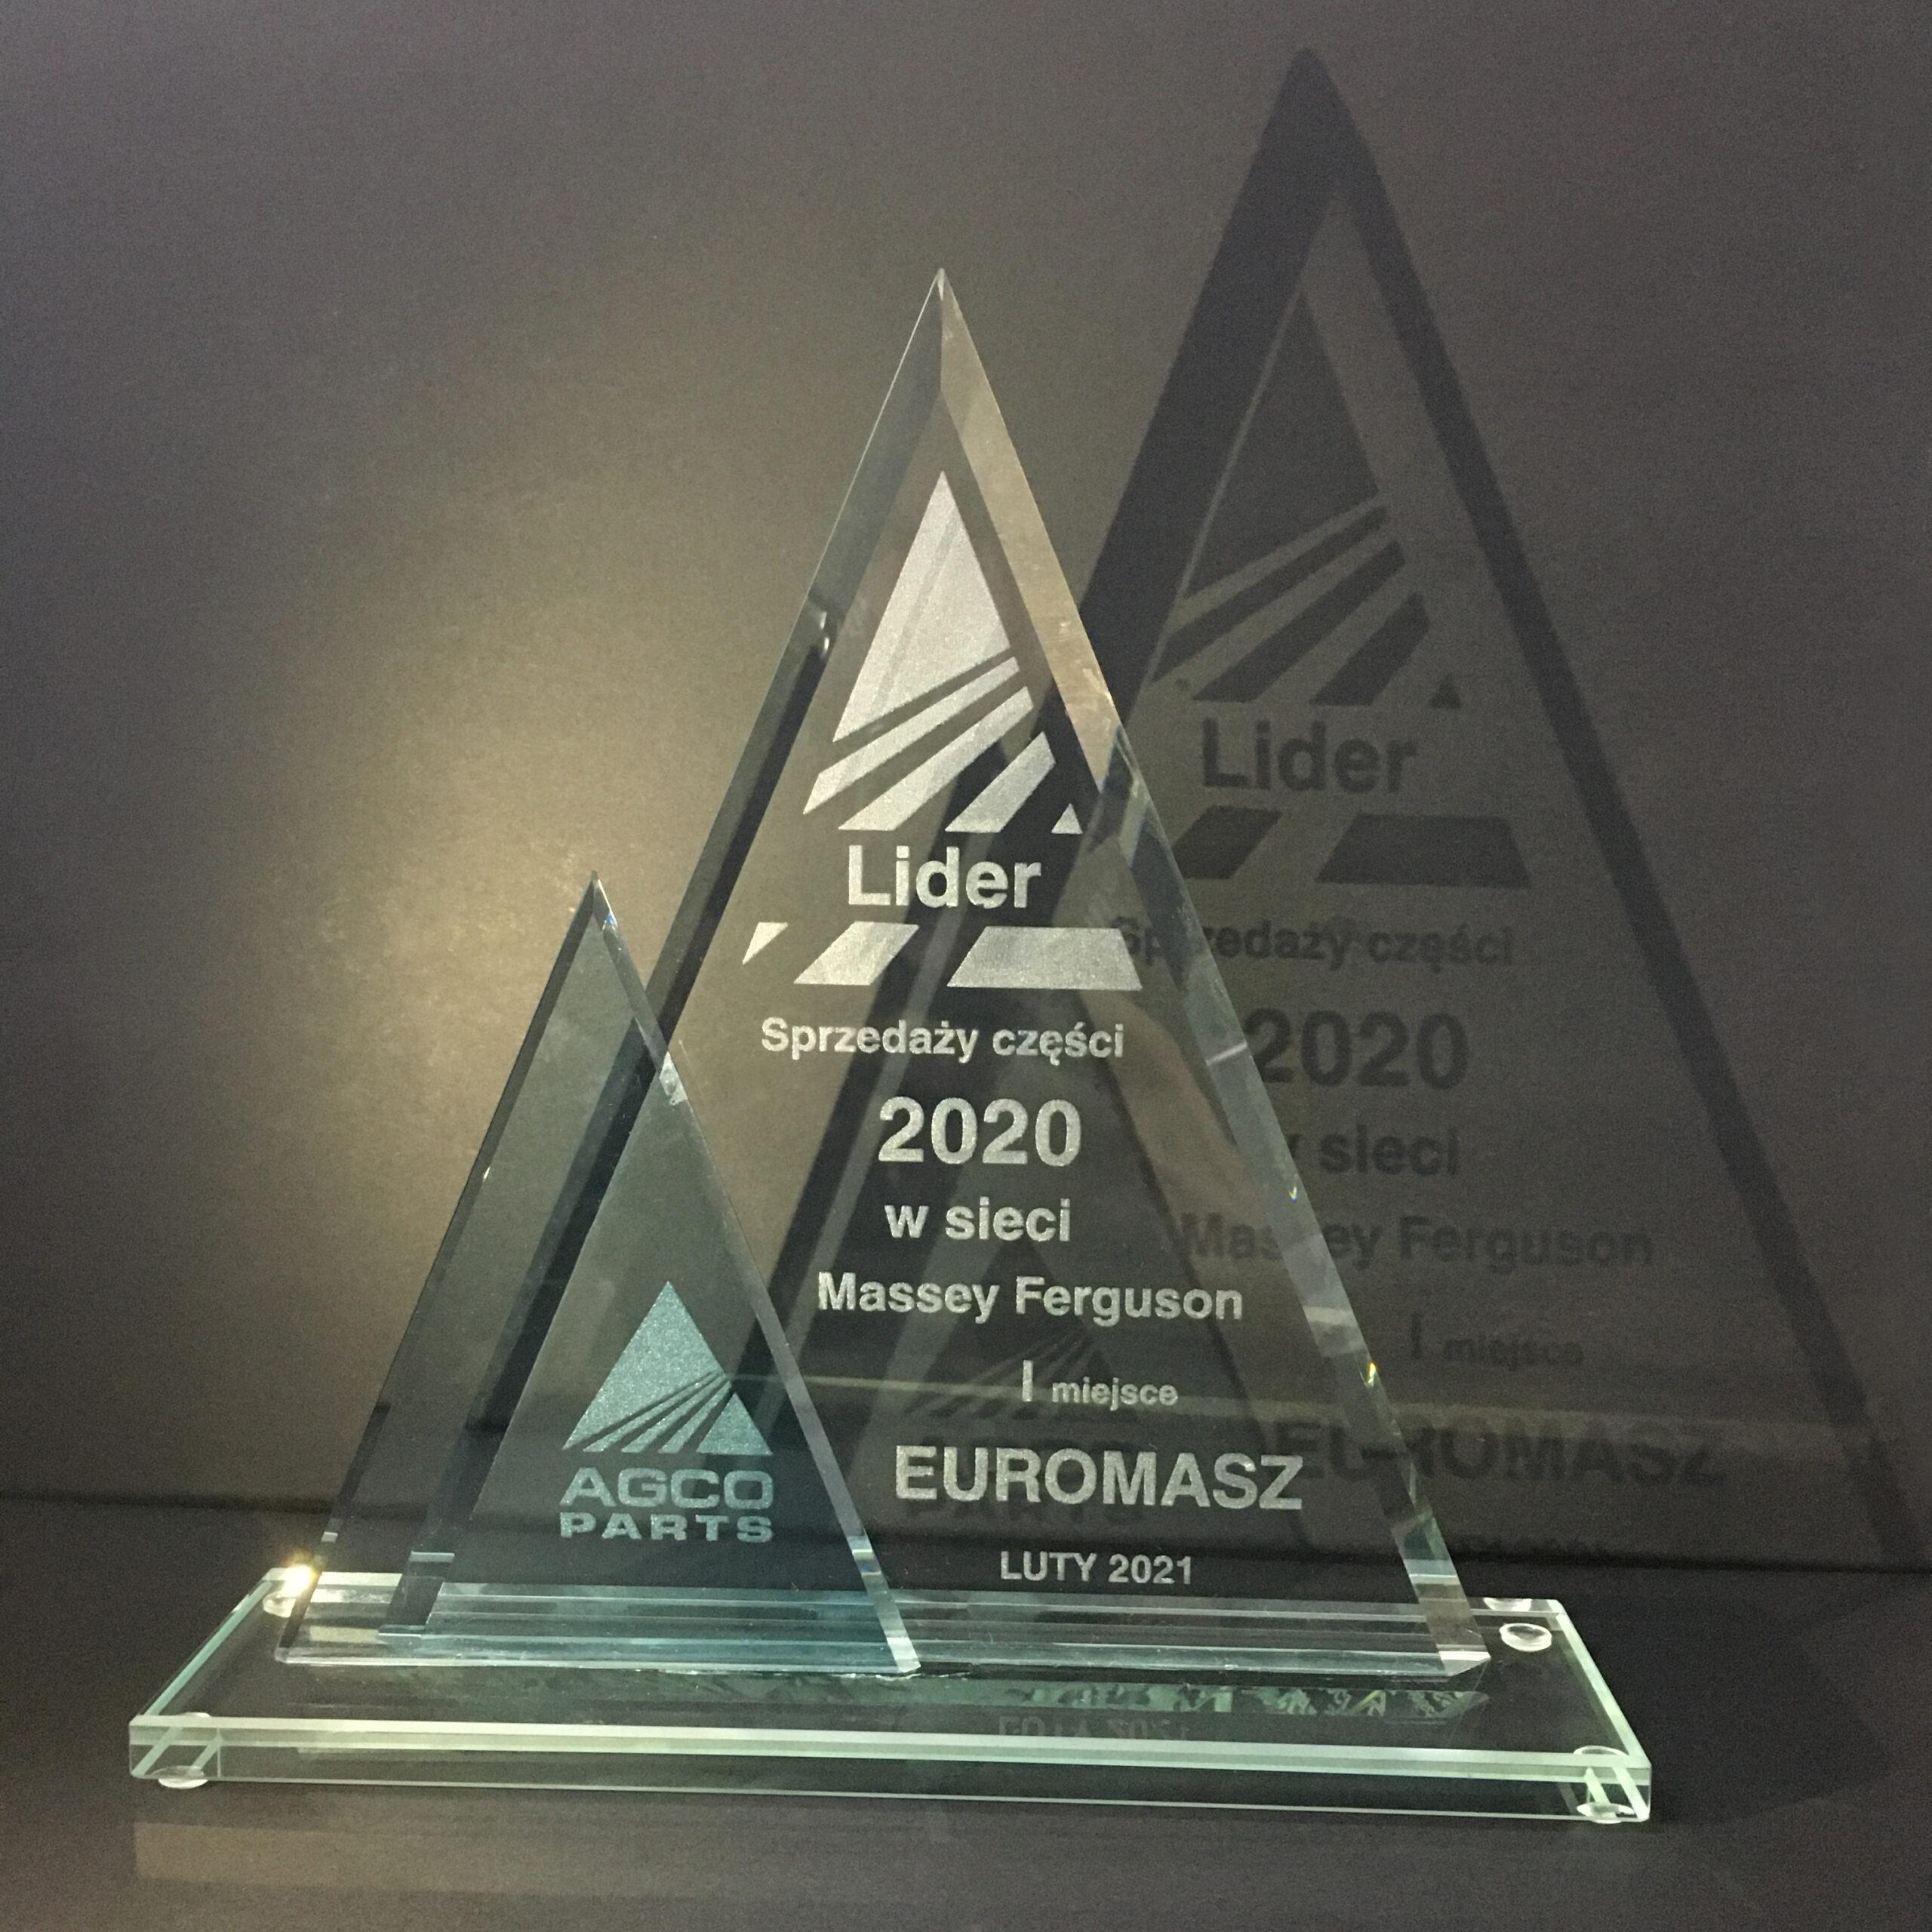 EUROMASZ – Lider sprzedaży części w roku 2020